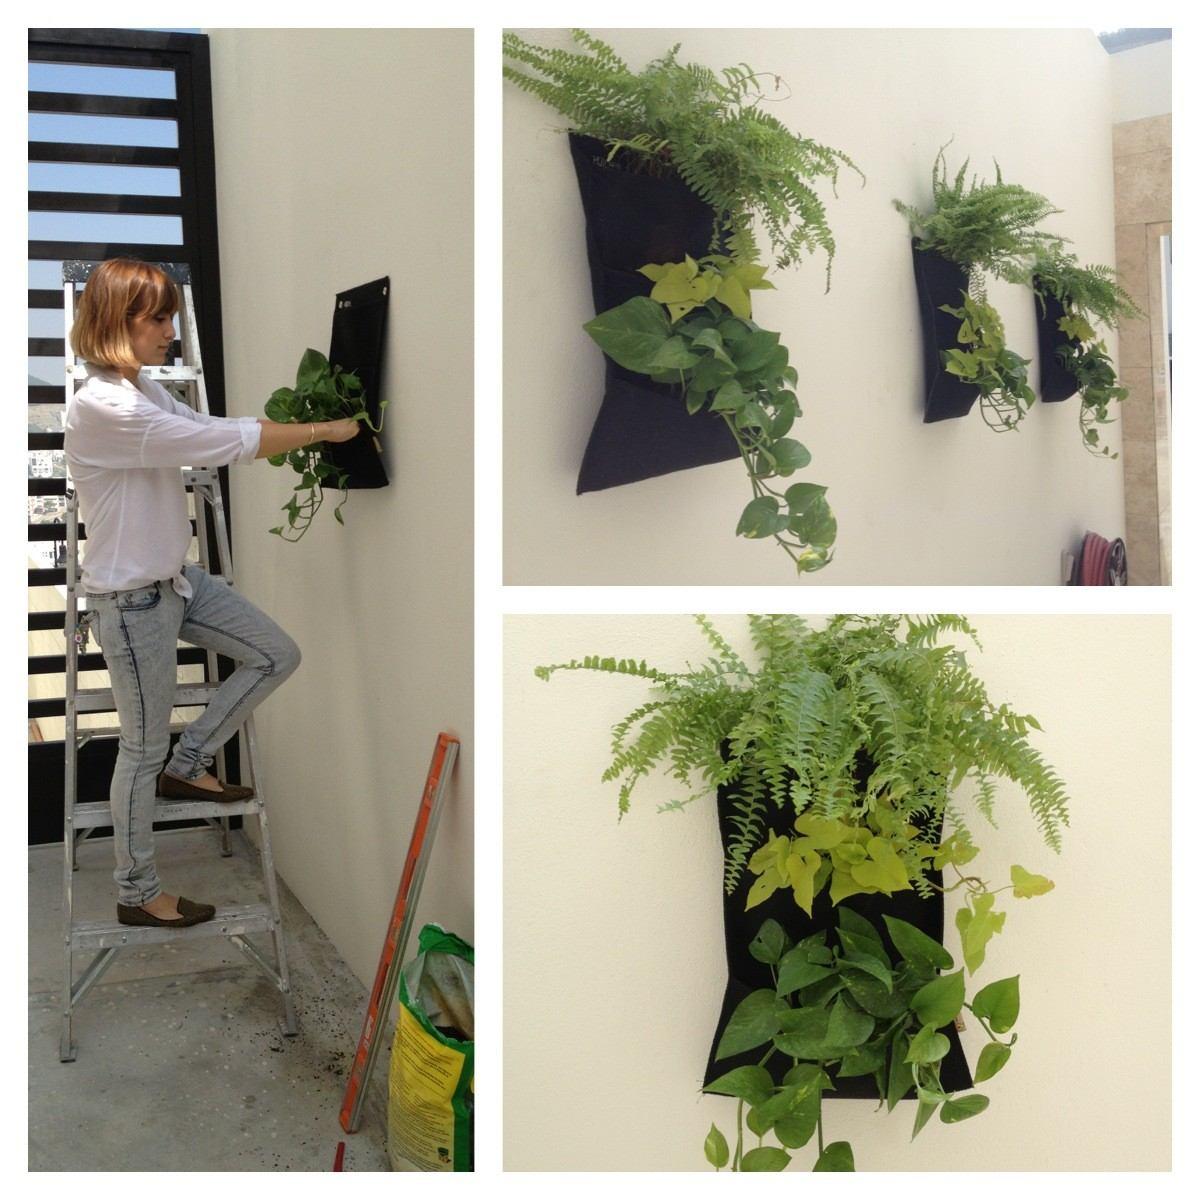 Jardines verticales decoraci n y plantas en - Decoracion de jardines con plantas ...